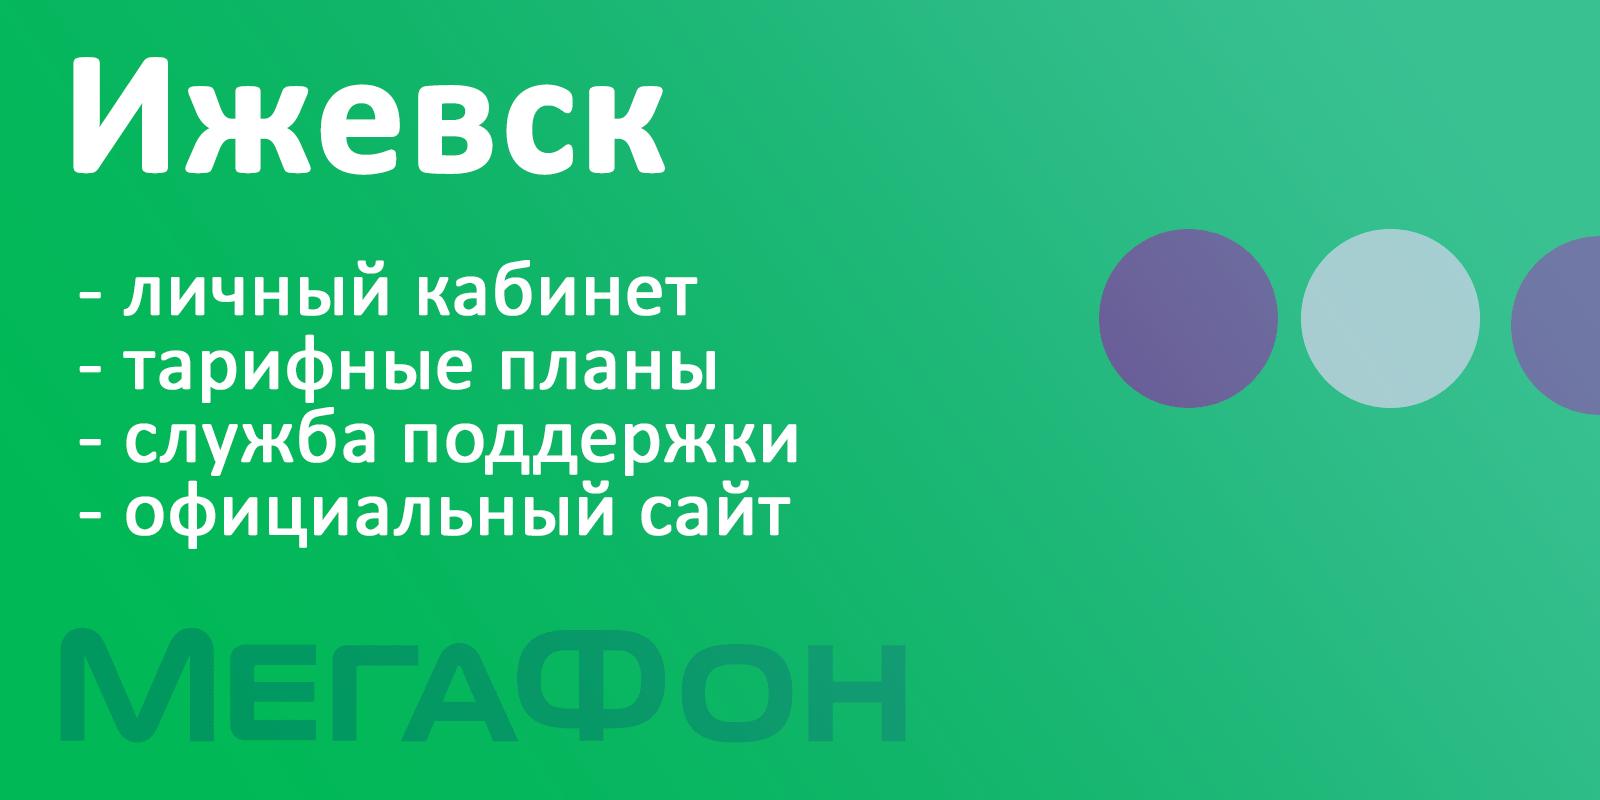 Мегафон Ижевск - тарифы, официальный сайт, каталог товаров